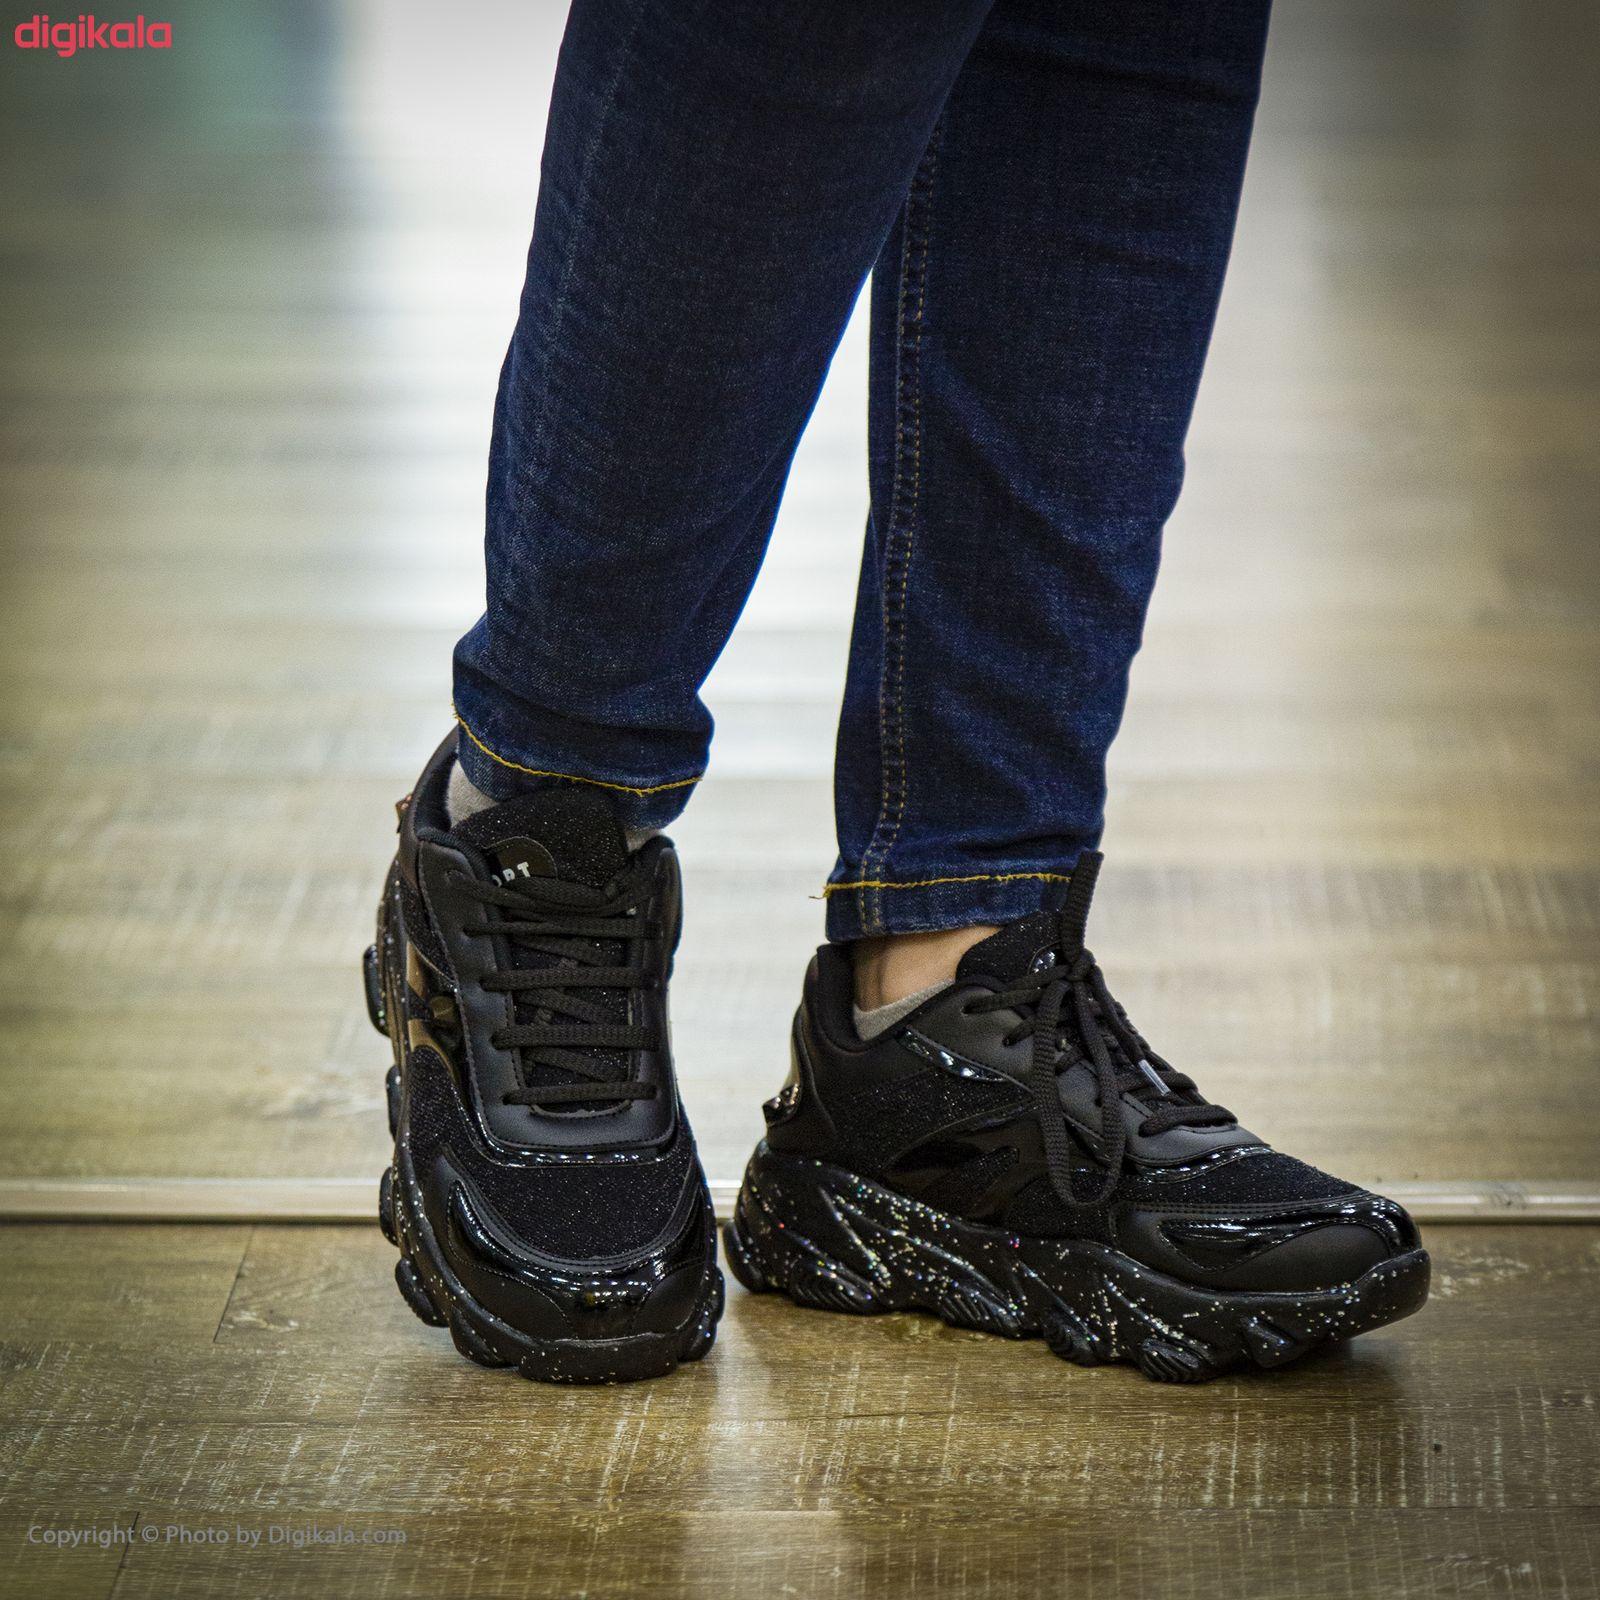 کفش مخصوص پیاده روی زنانه کد 9796 main 1 11